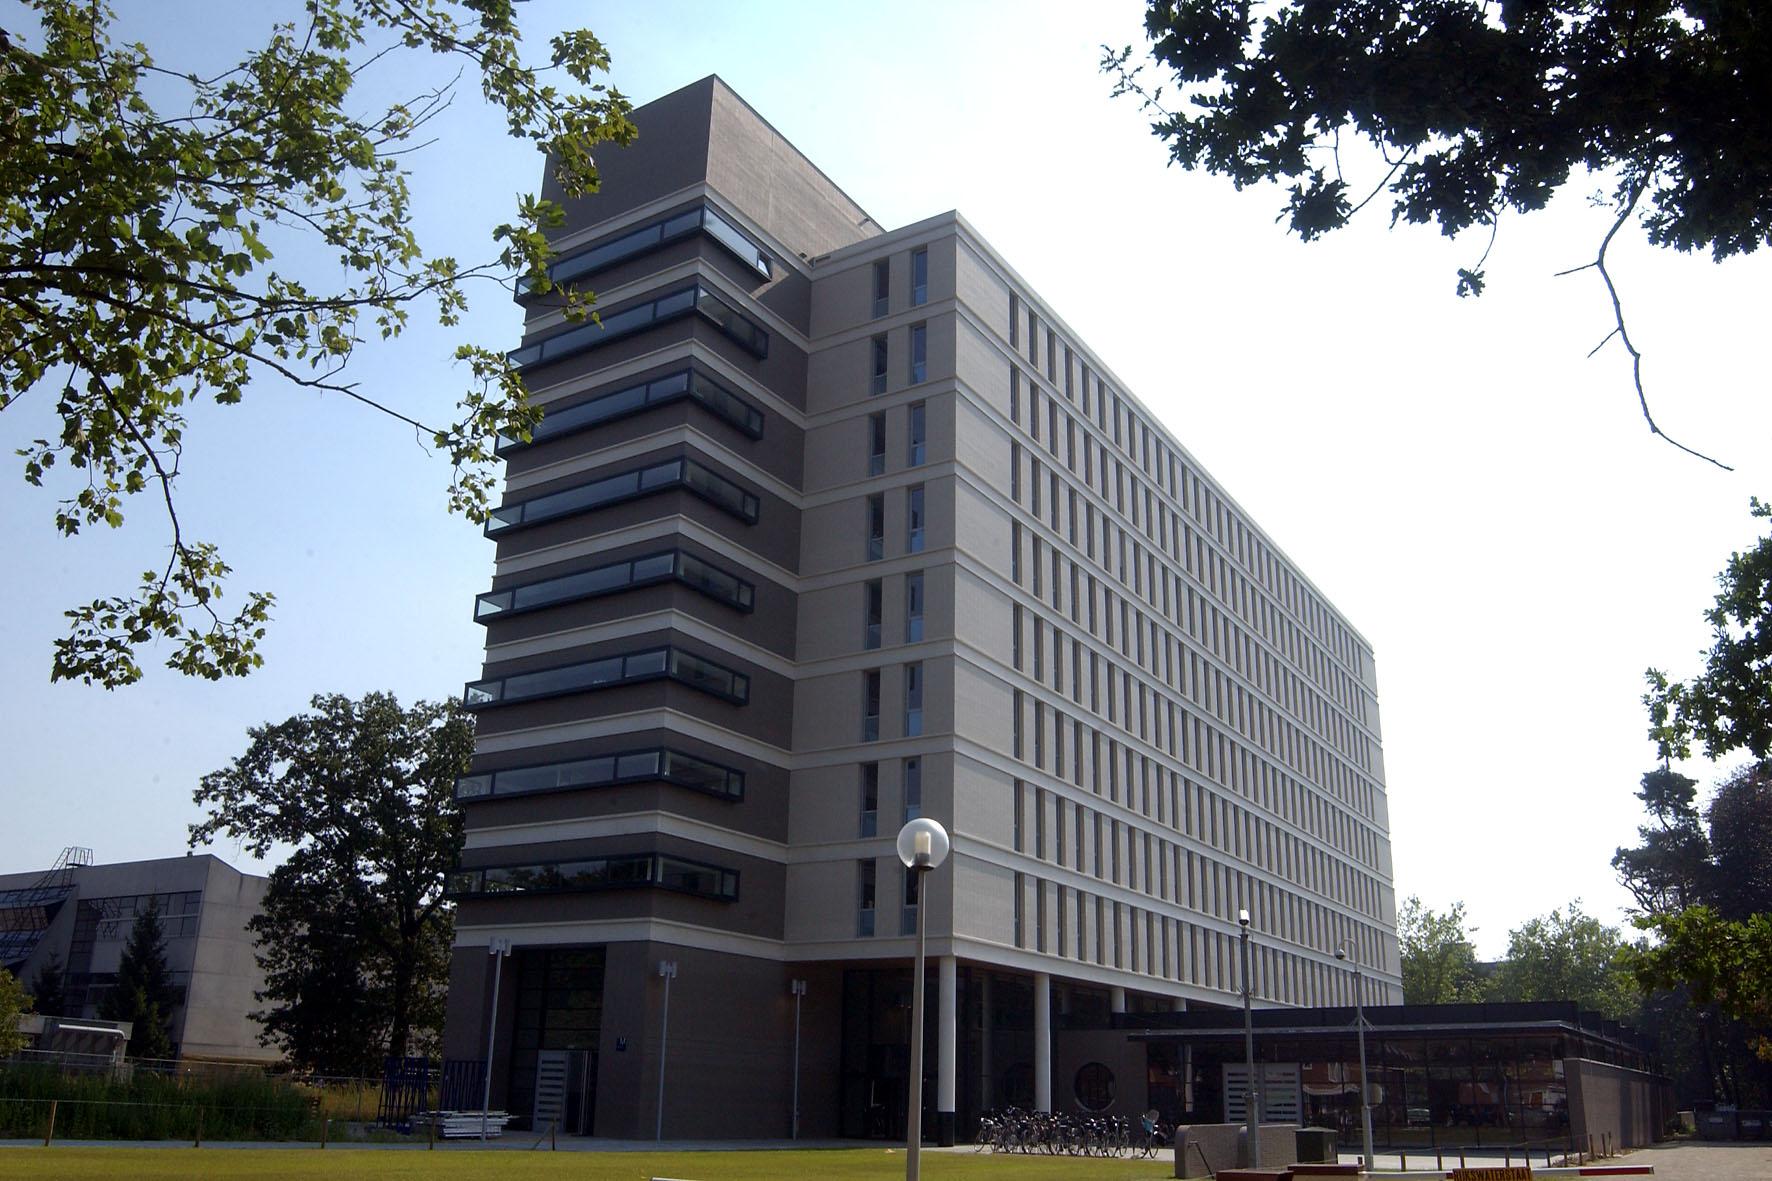 Tilburg University E Building